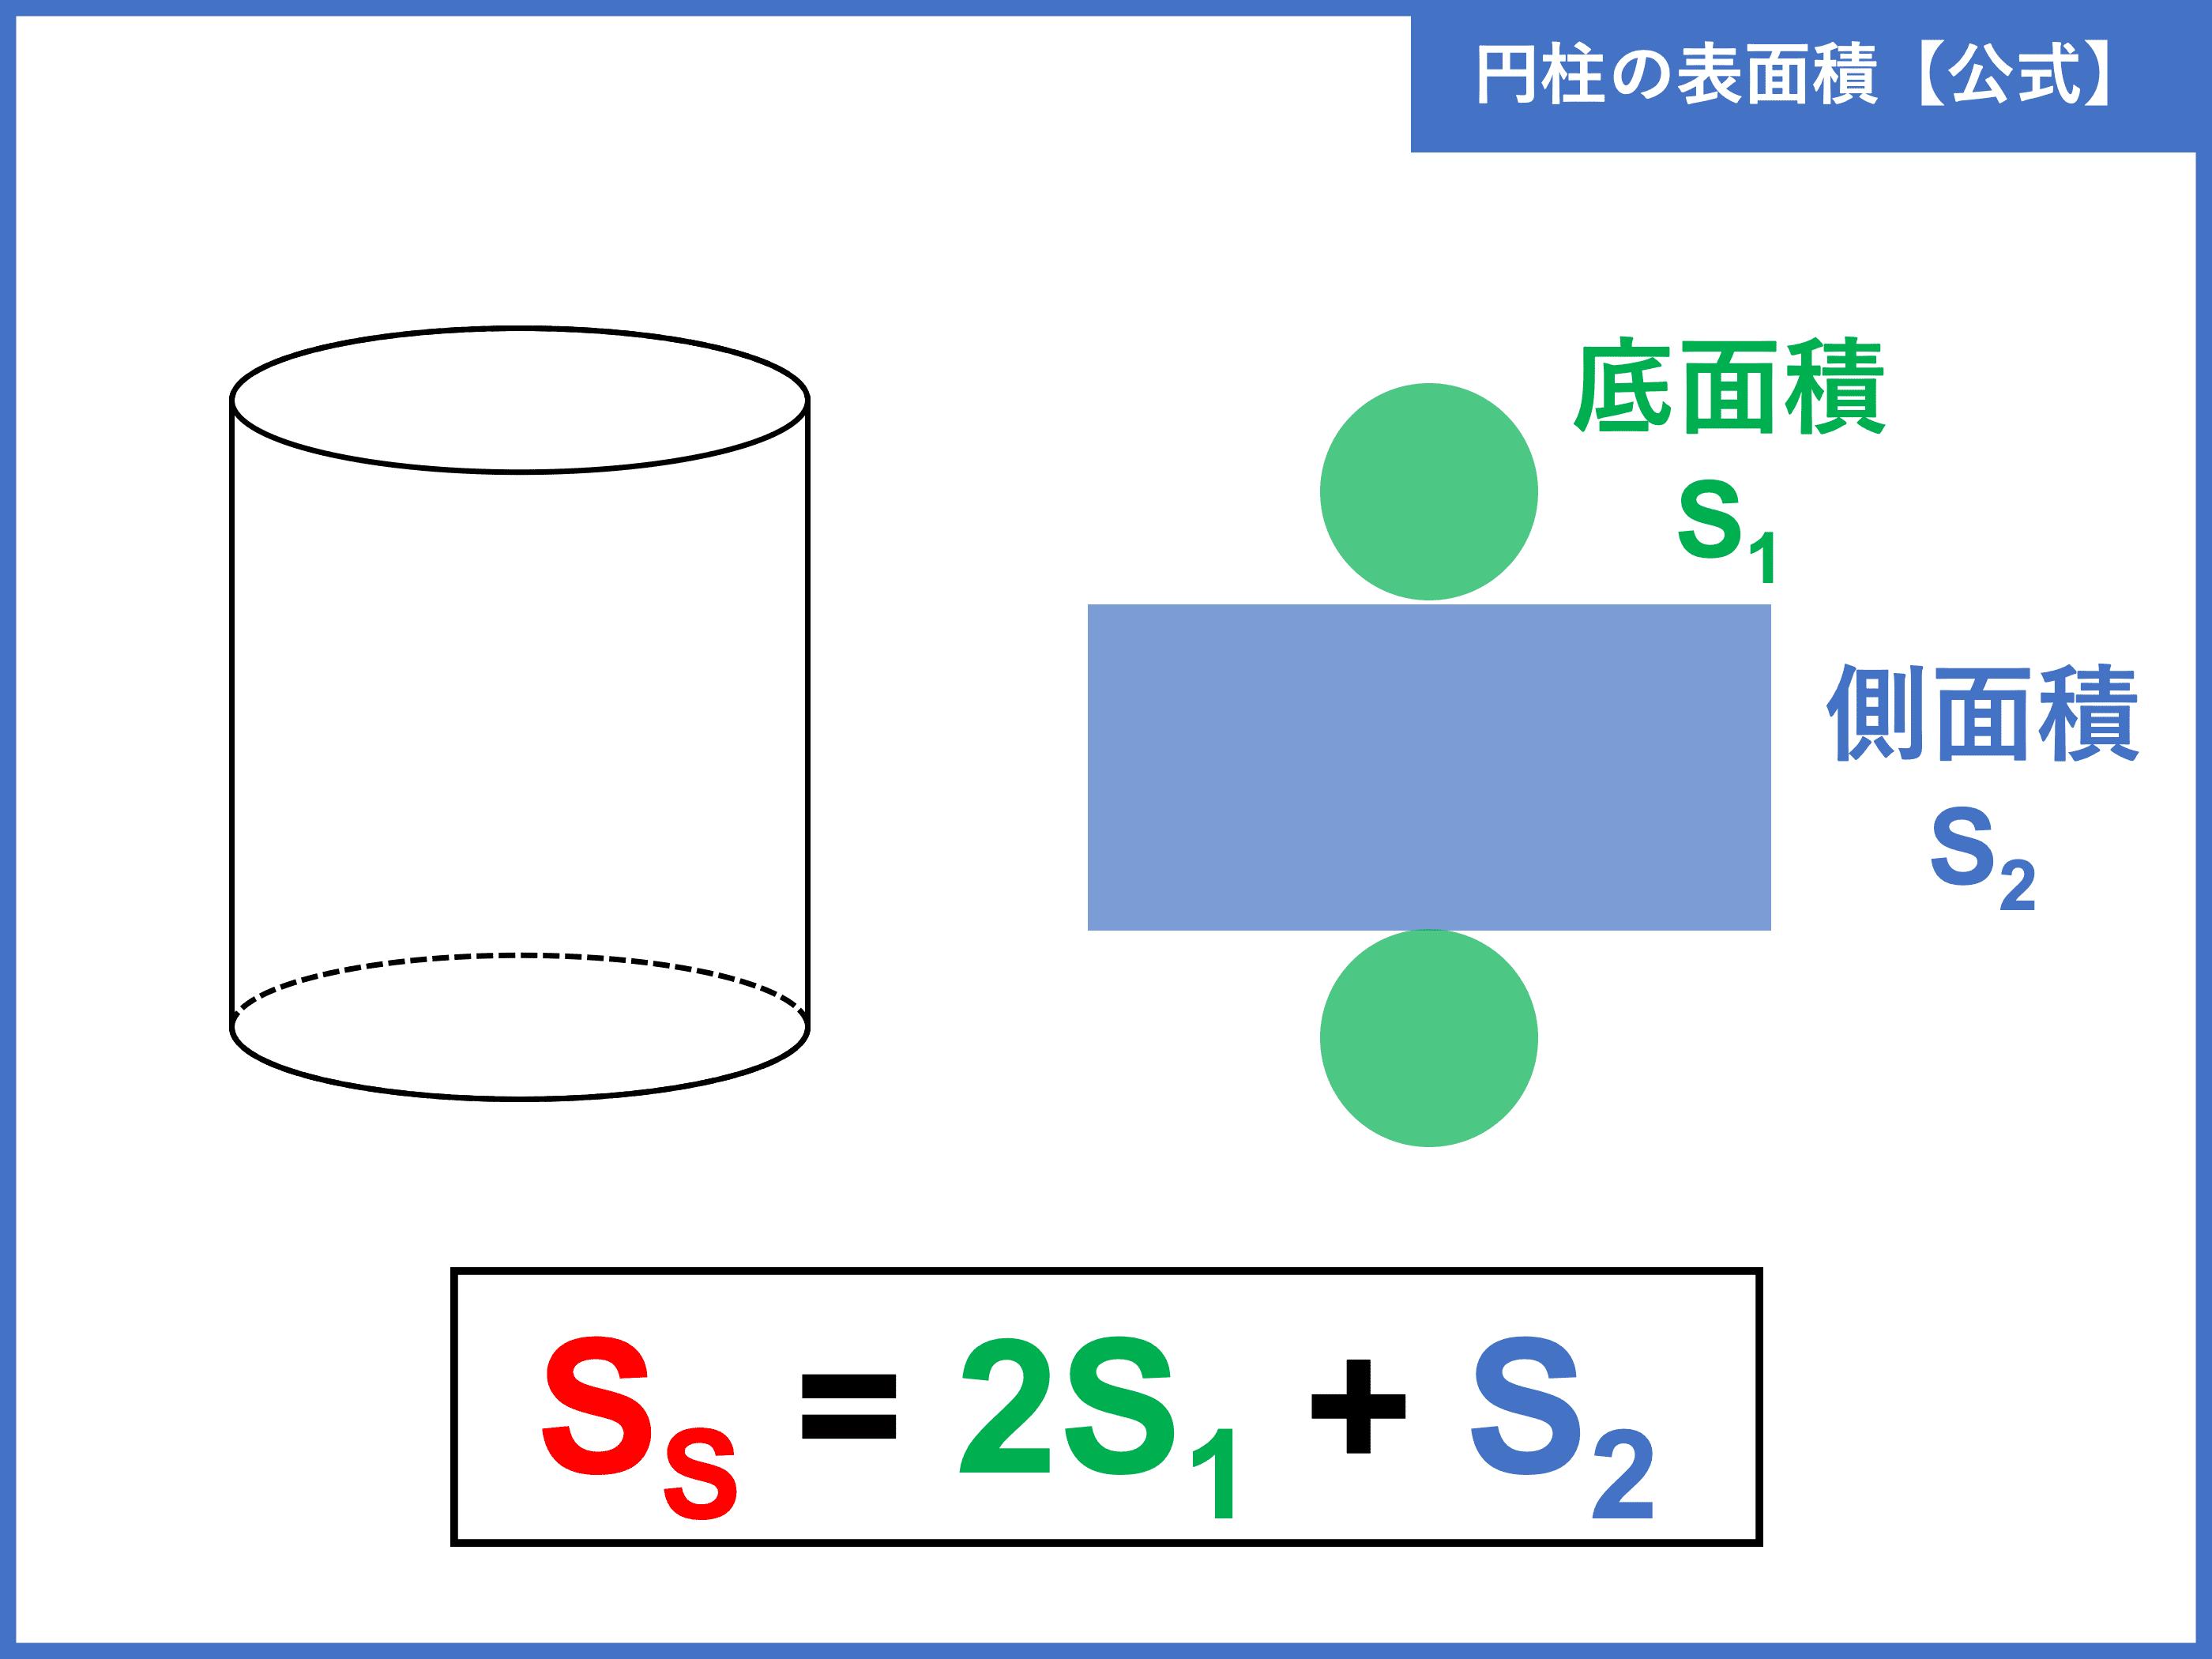 方 求め 面積 側 の 円すいの展開図、側面積の求め方!公式を使って15秒で解こう♪